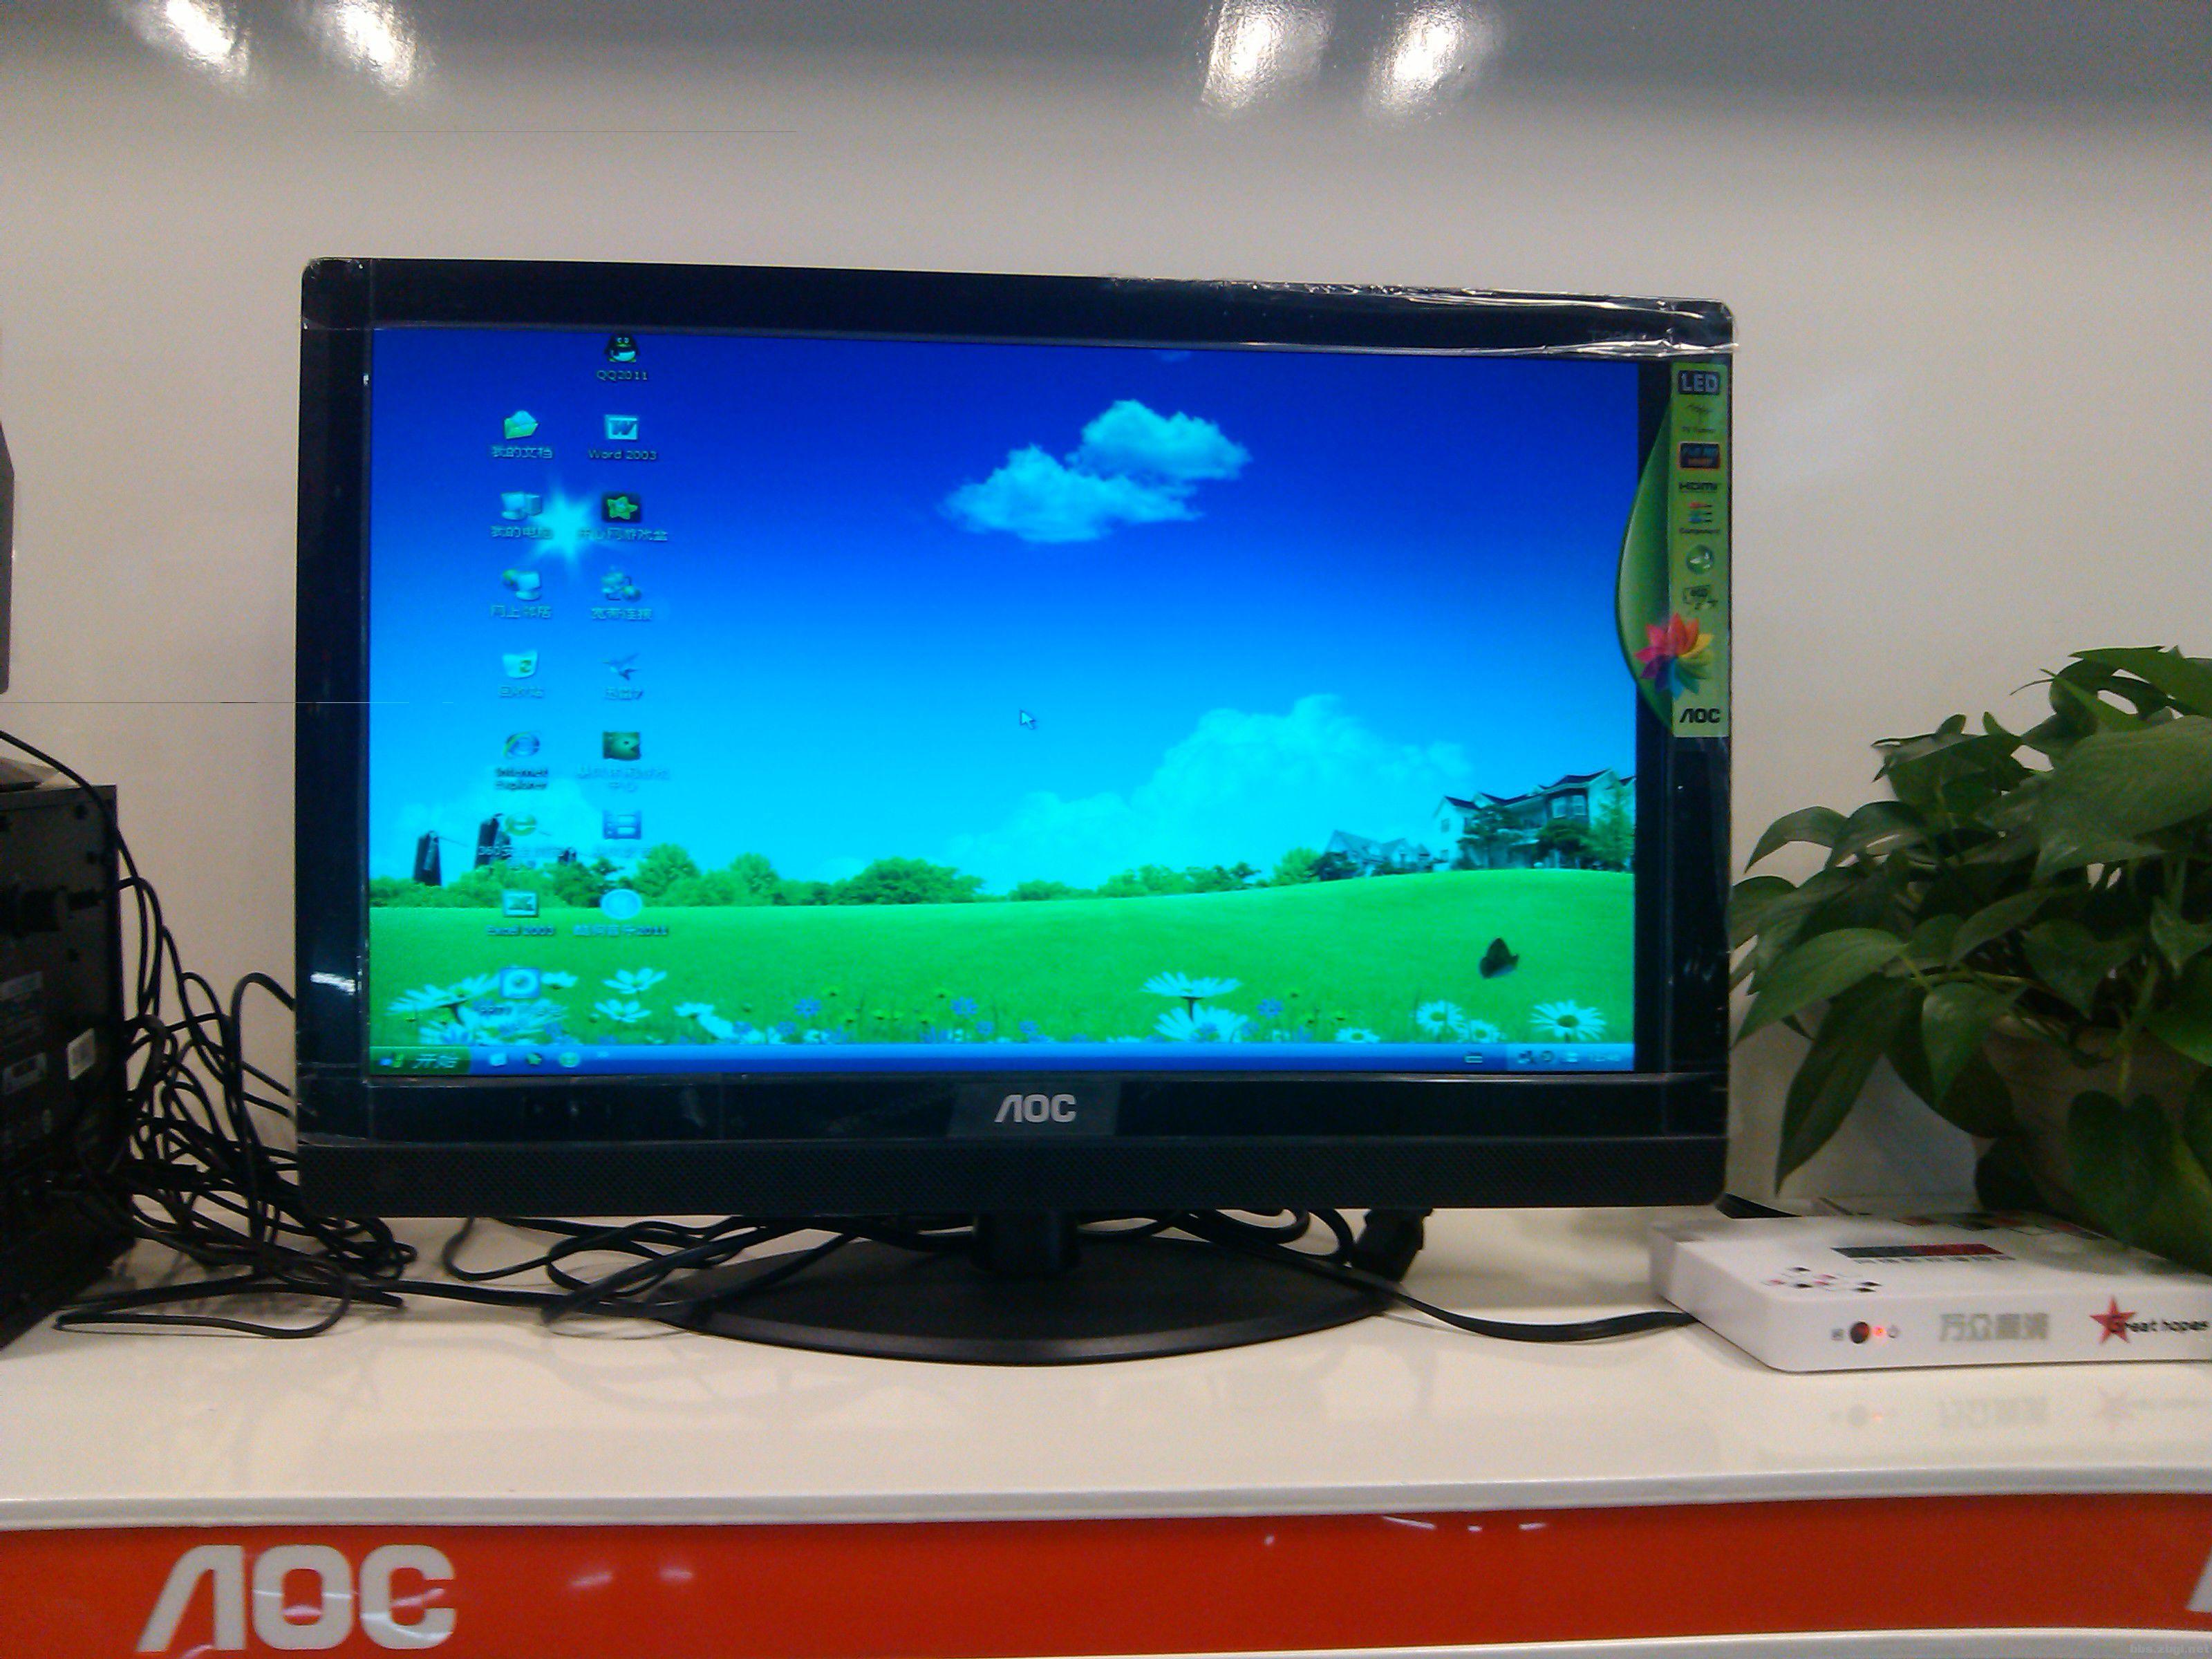 特价 促销 冠捷AOC 22液晶电视 880元